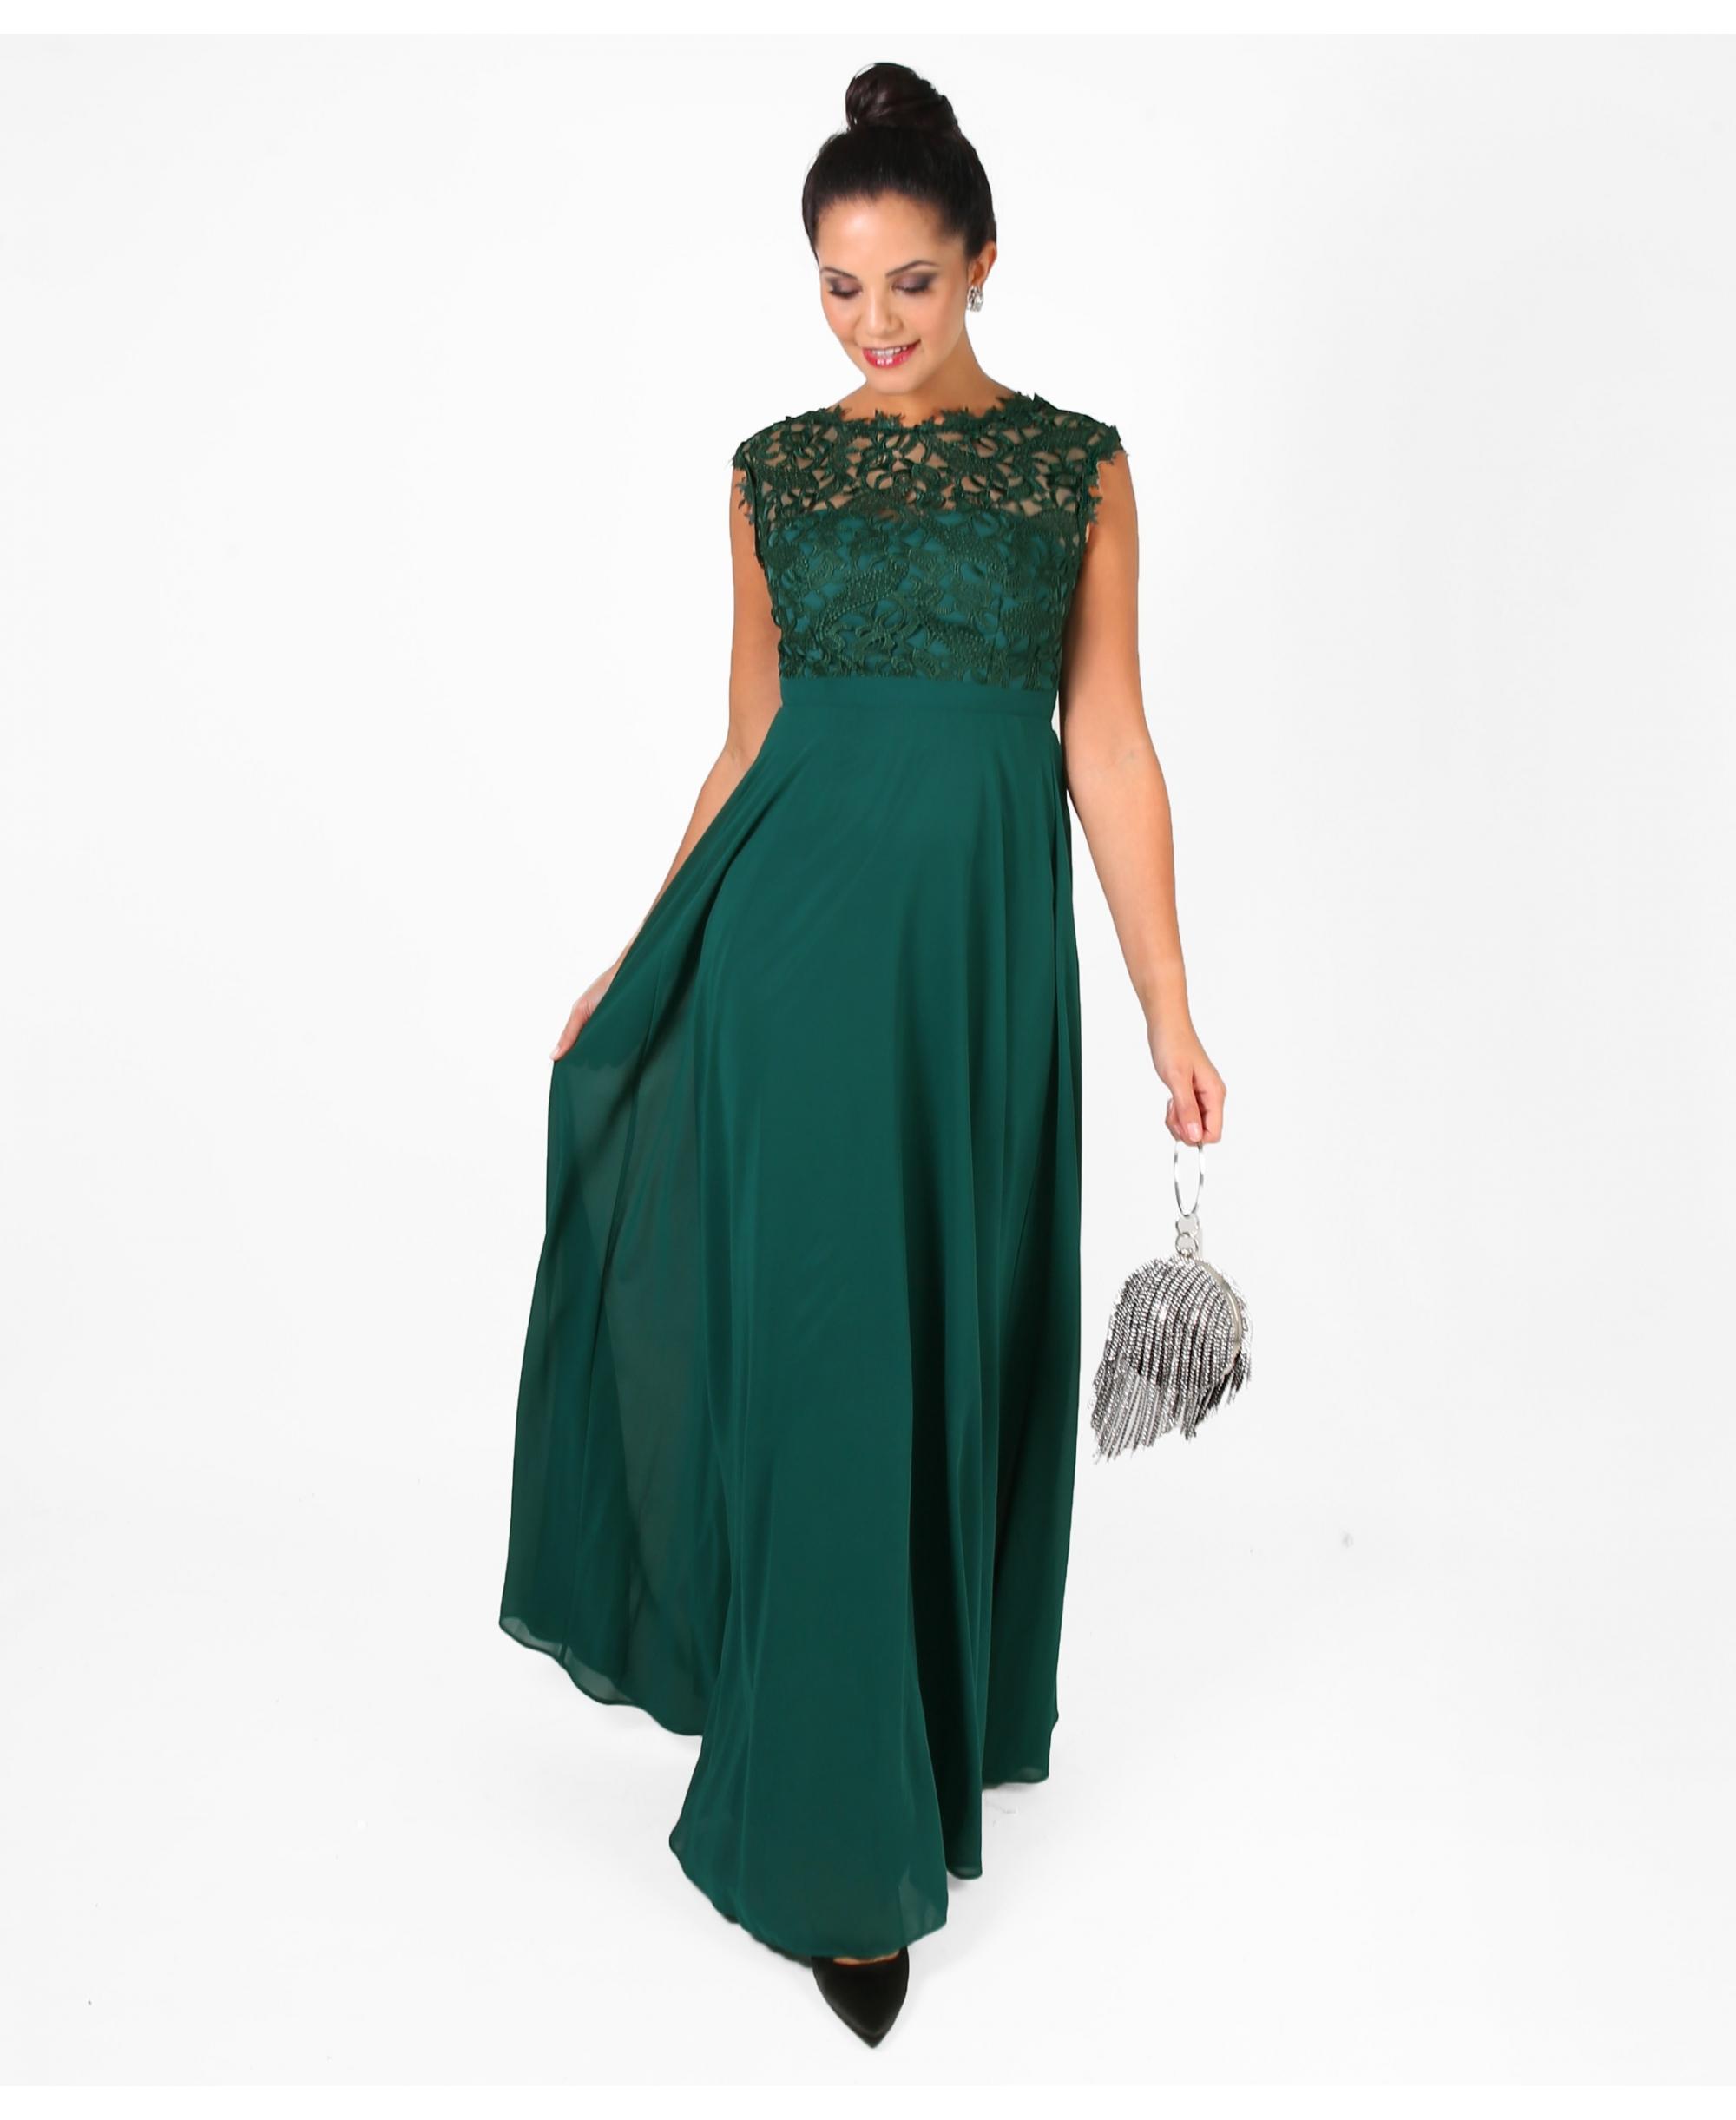 Dámské Šaty SAVINA GREEN Barva: Zelená, Velikost: S